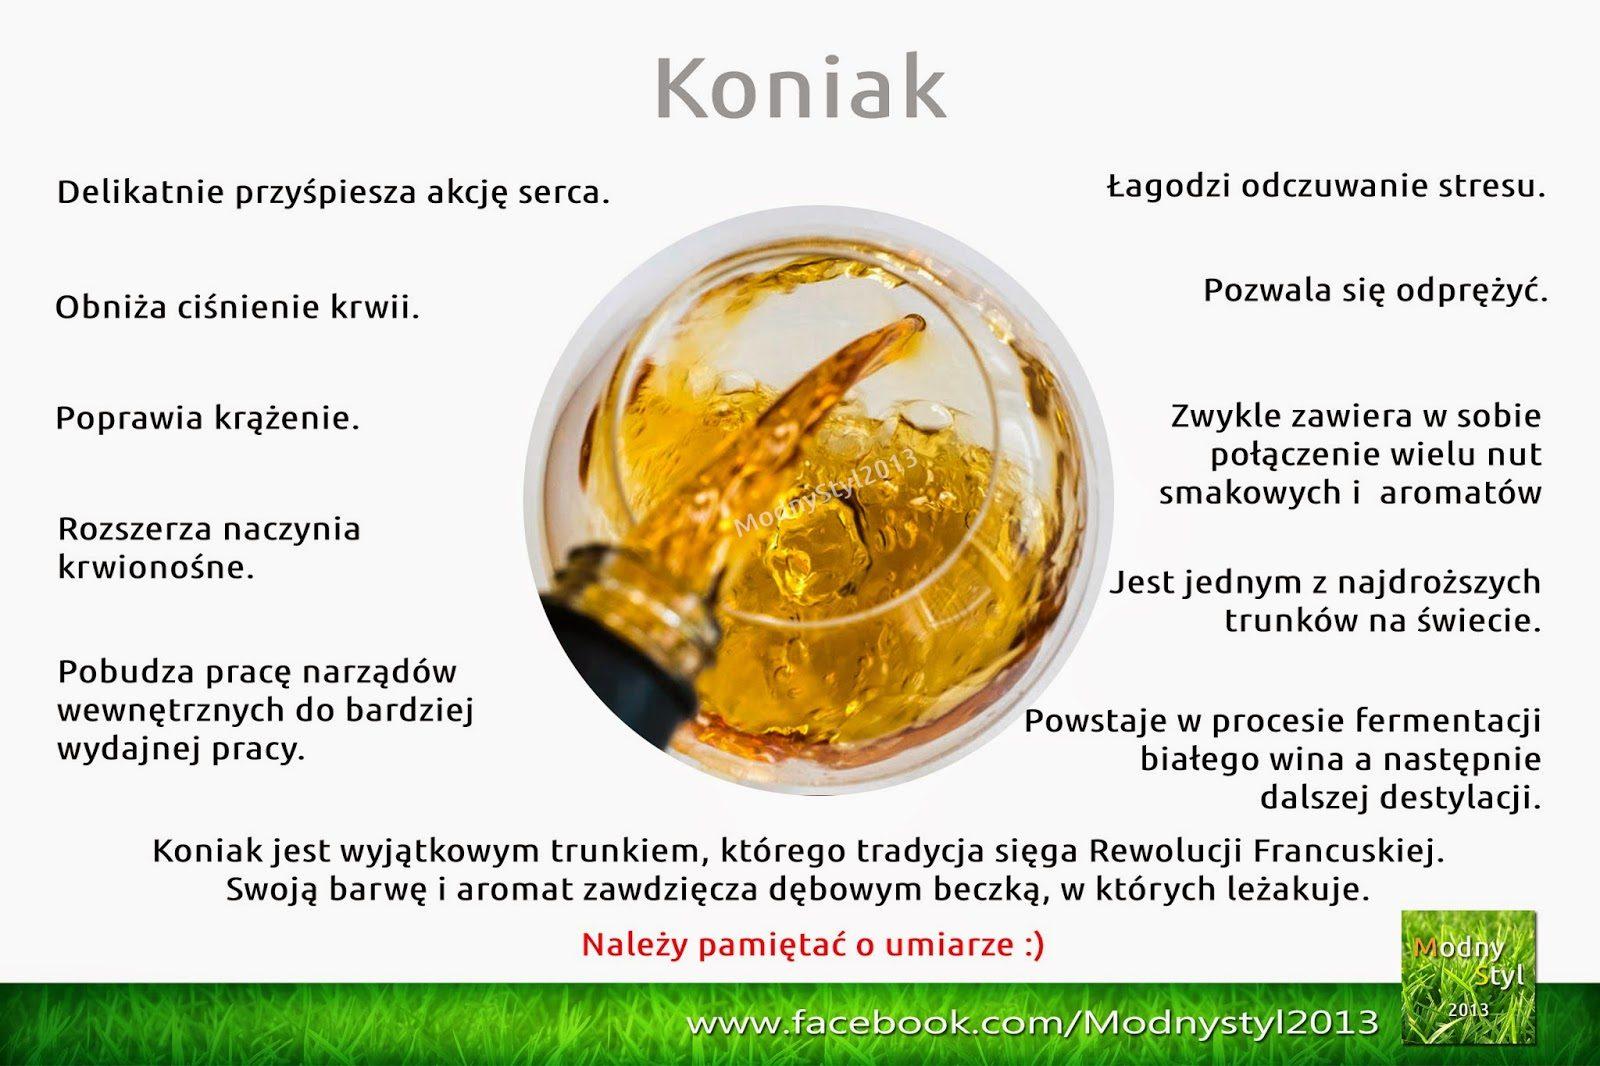 koniak-9865543